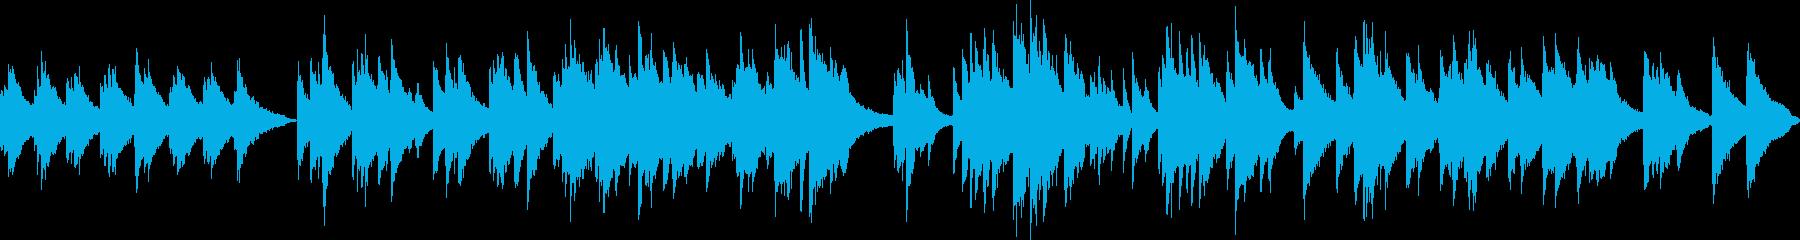 ピアノ演奏(ループ)希望・朝日・キラキラの再生済みの波形